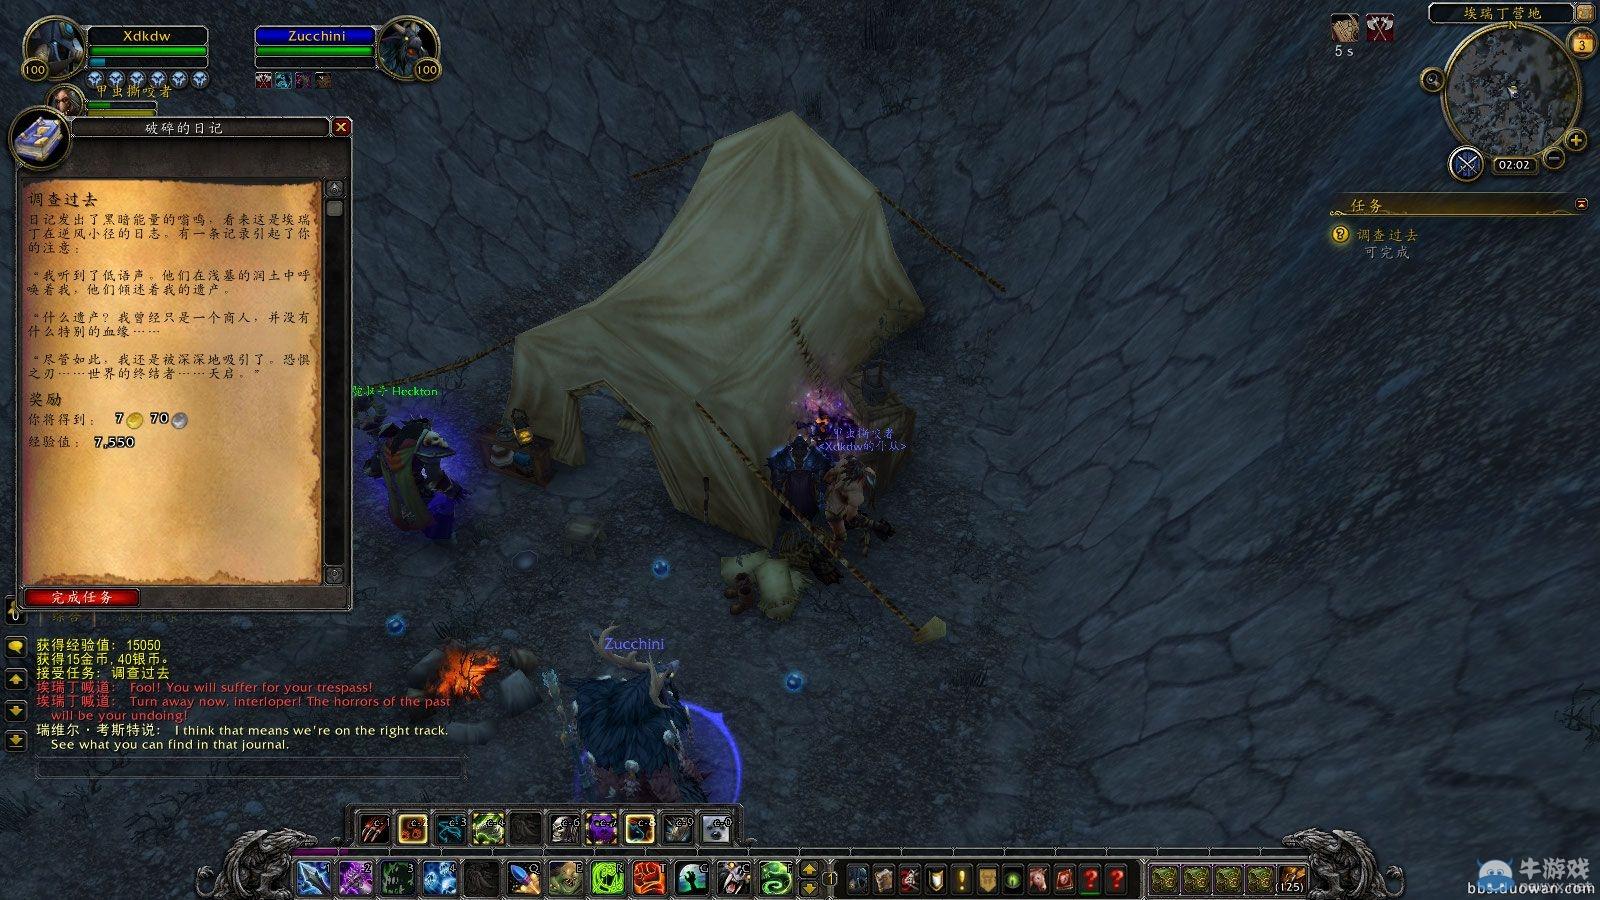 《魔兽世界》7.0邪恶死亡骑士神器任务流程